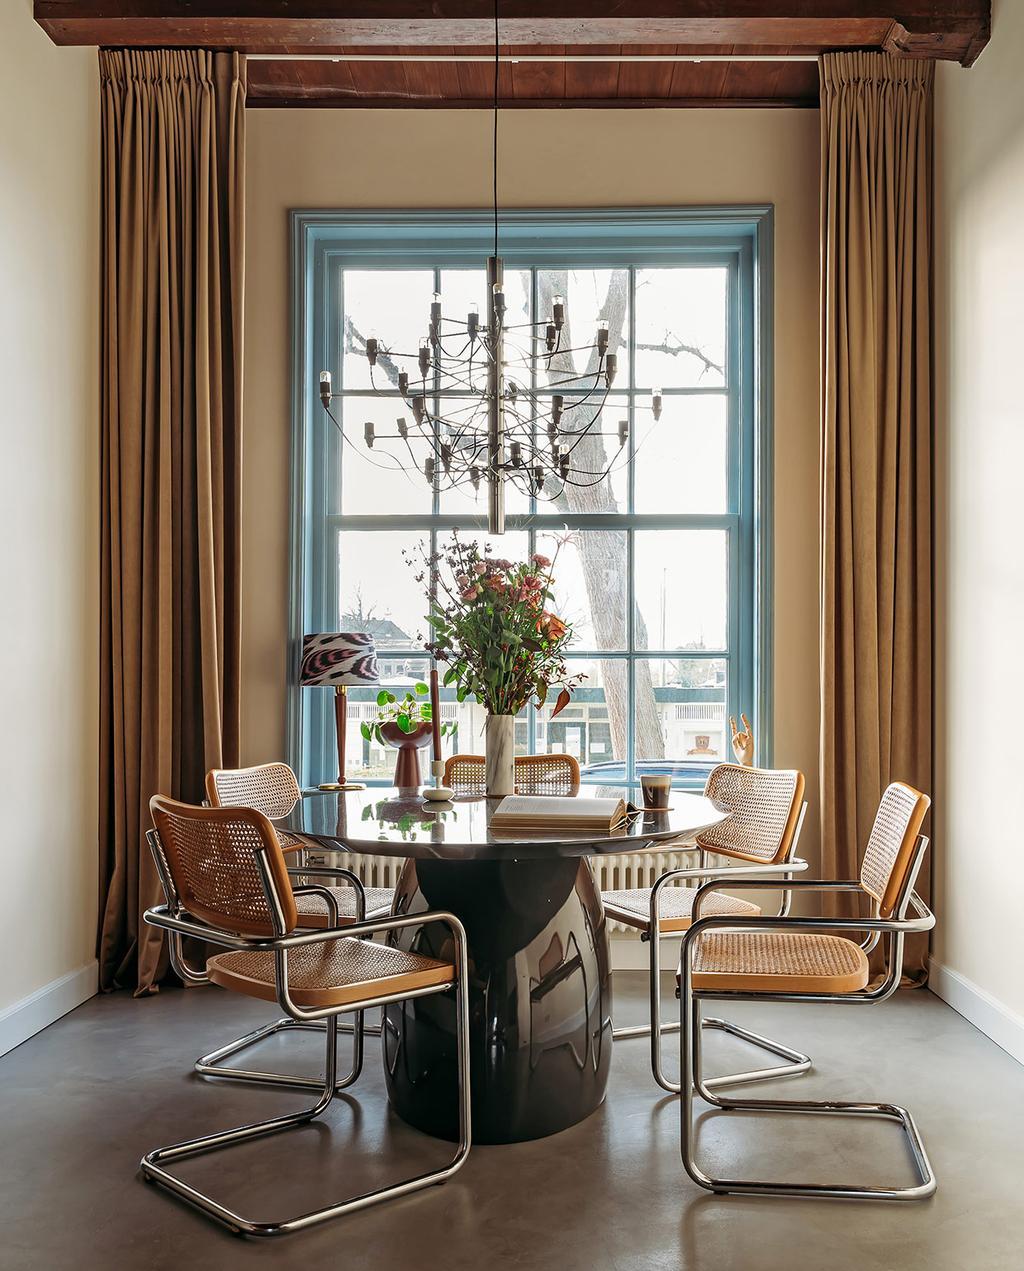 vtwonen 03-2021 | eettafel met webbing stoelen voor geverfd blauw raam en gordijnen